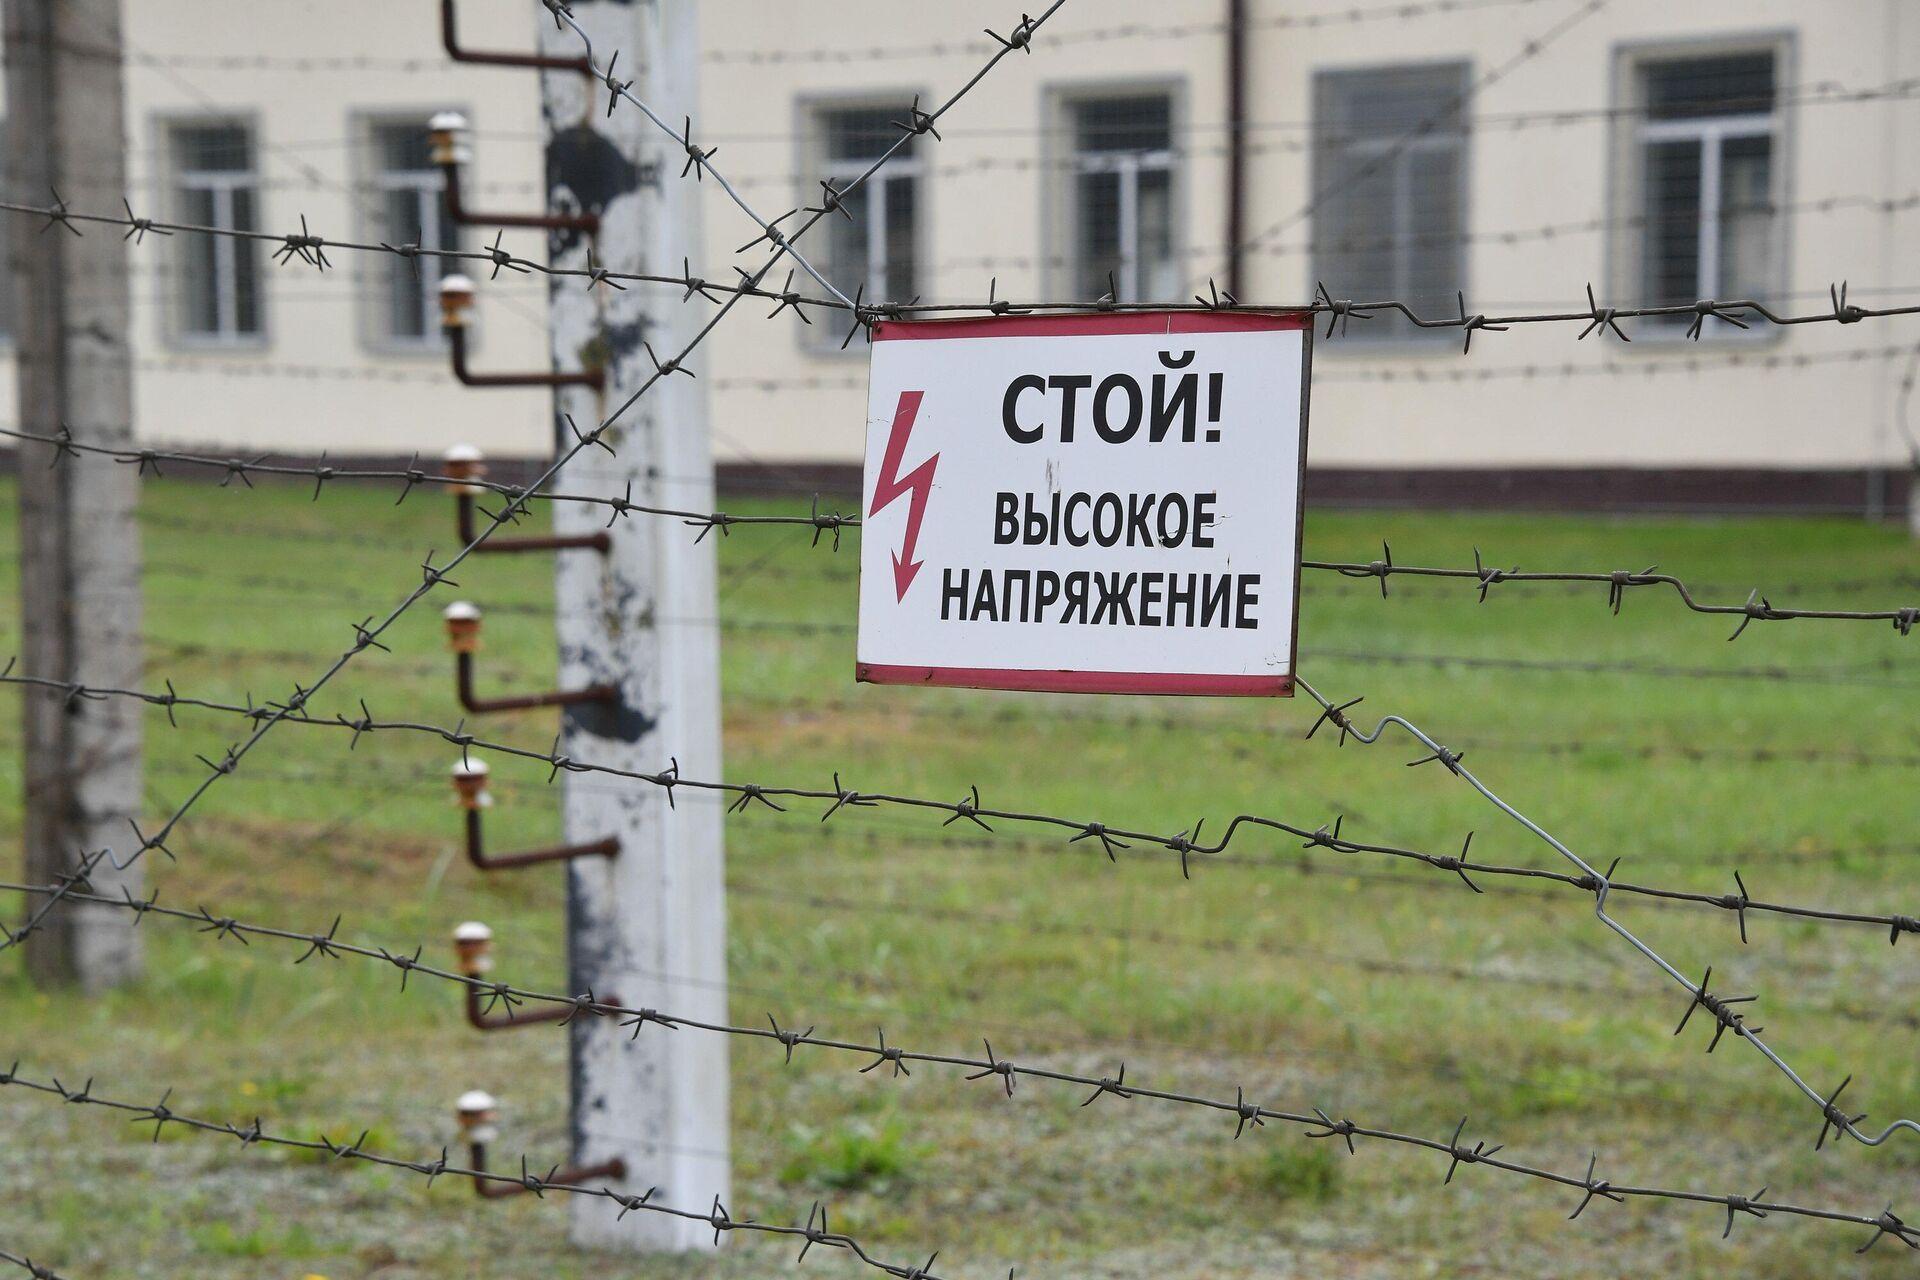 Третий рубеж –  высоковольтная линия: 6 тысяч вольт по всему периметру - Sputnik Беларусь, 1920, 12.08.2021